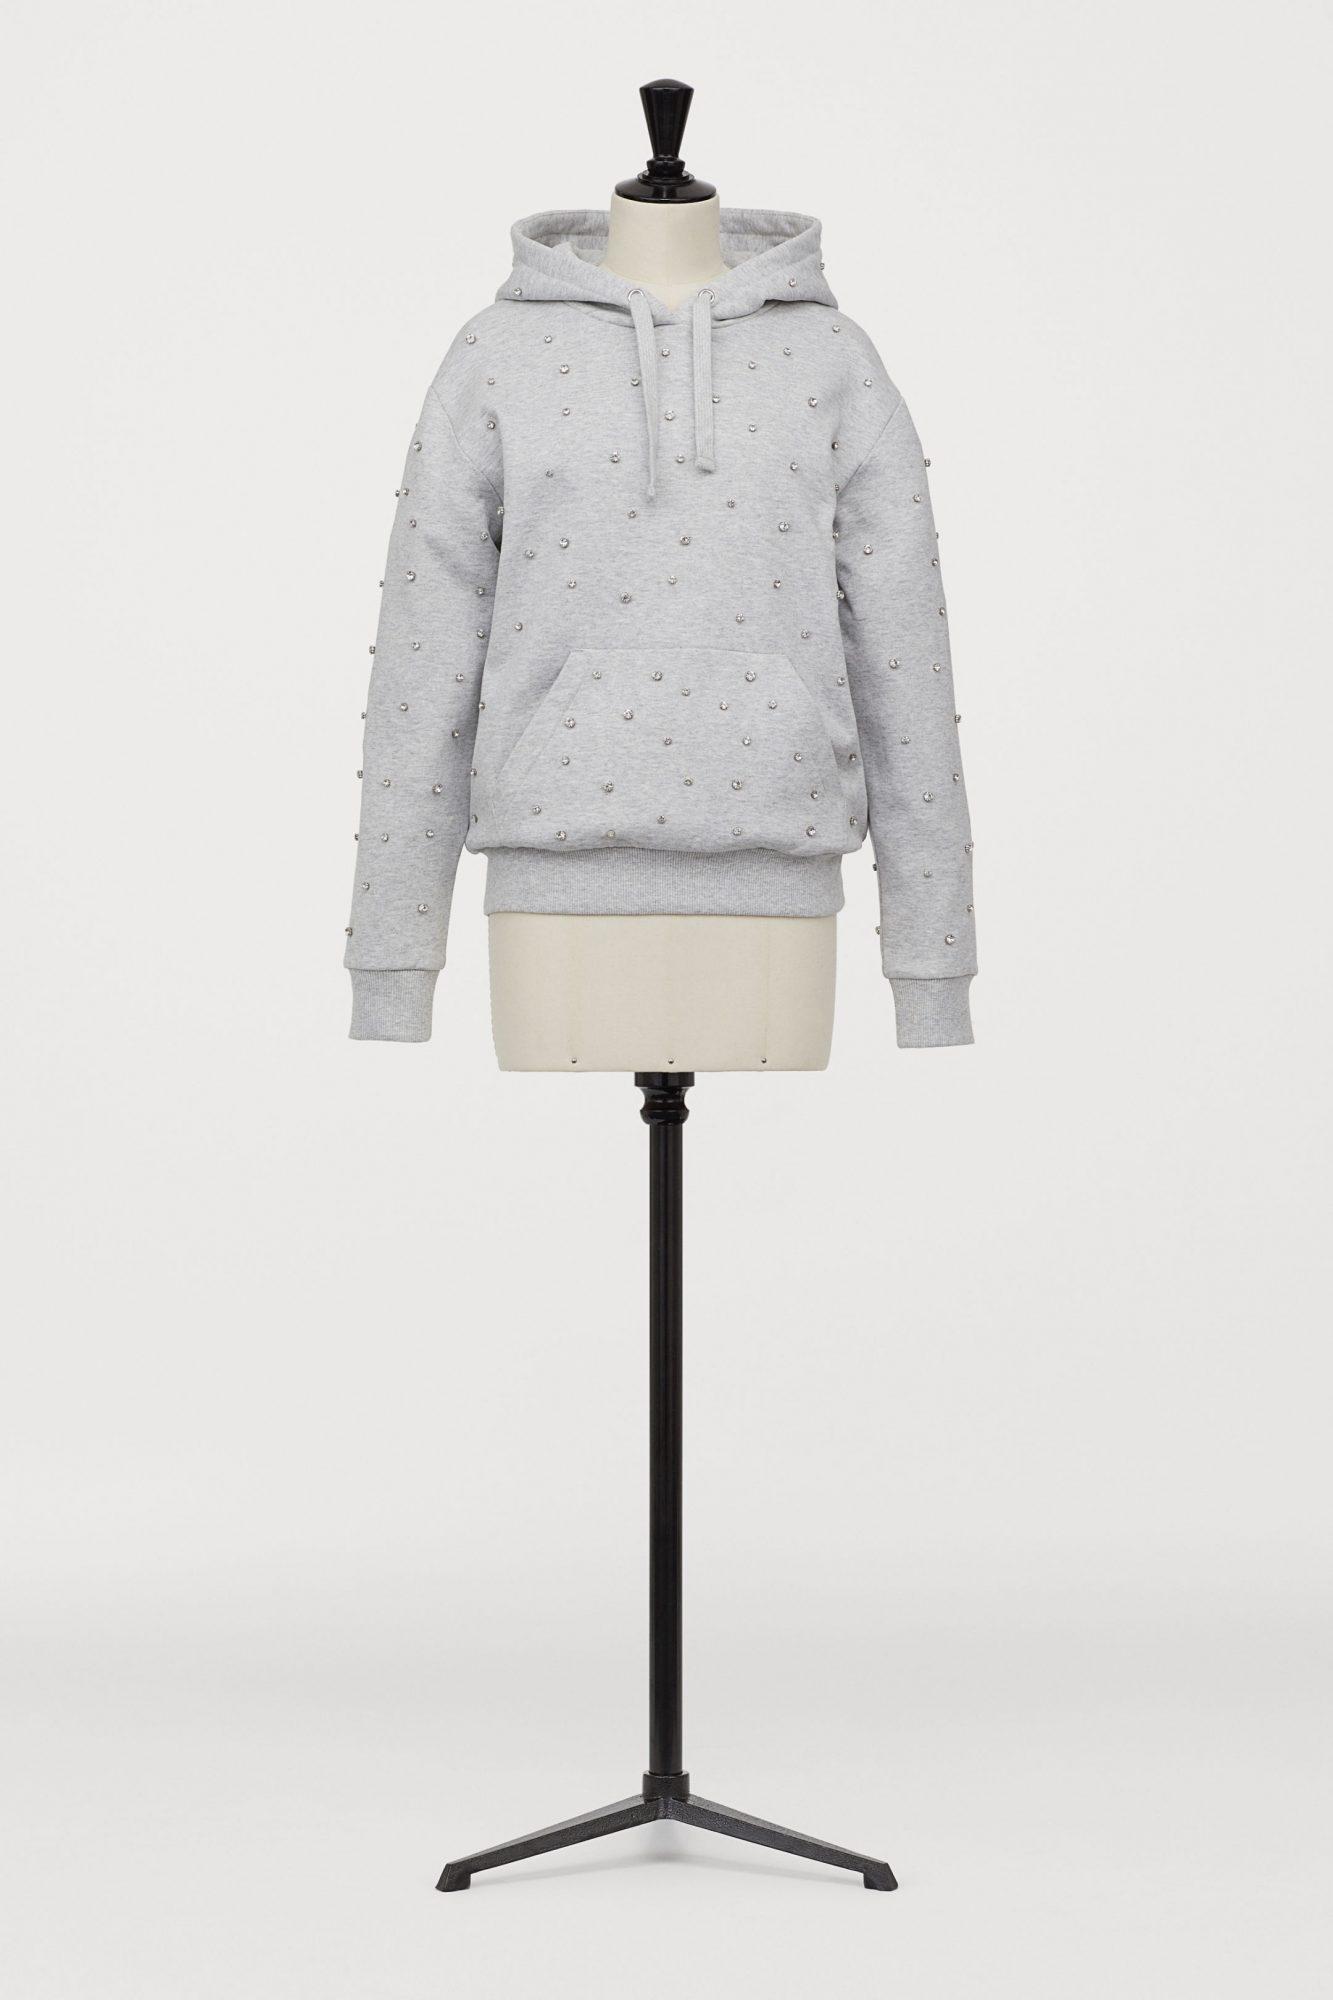 h&m hoodie with rhinestones